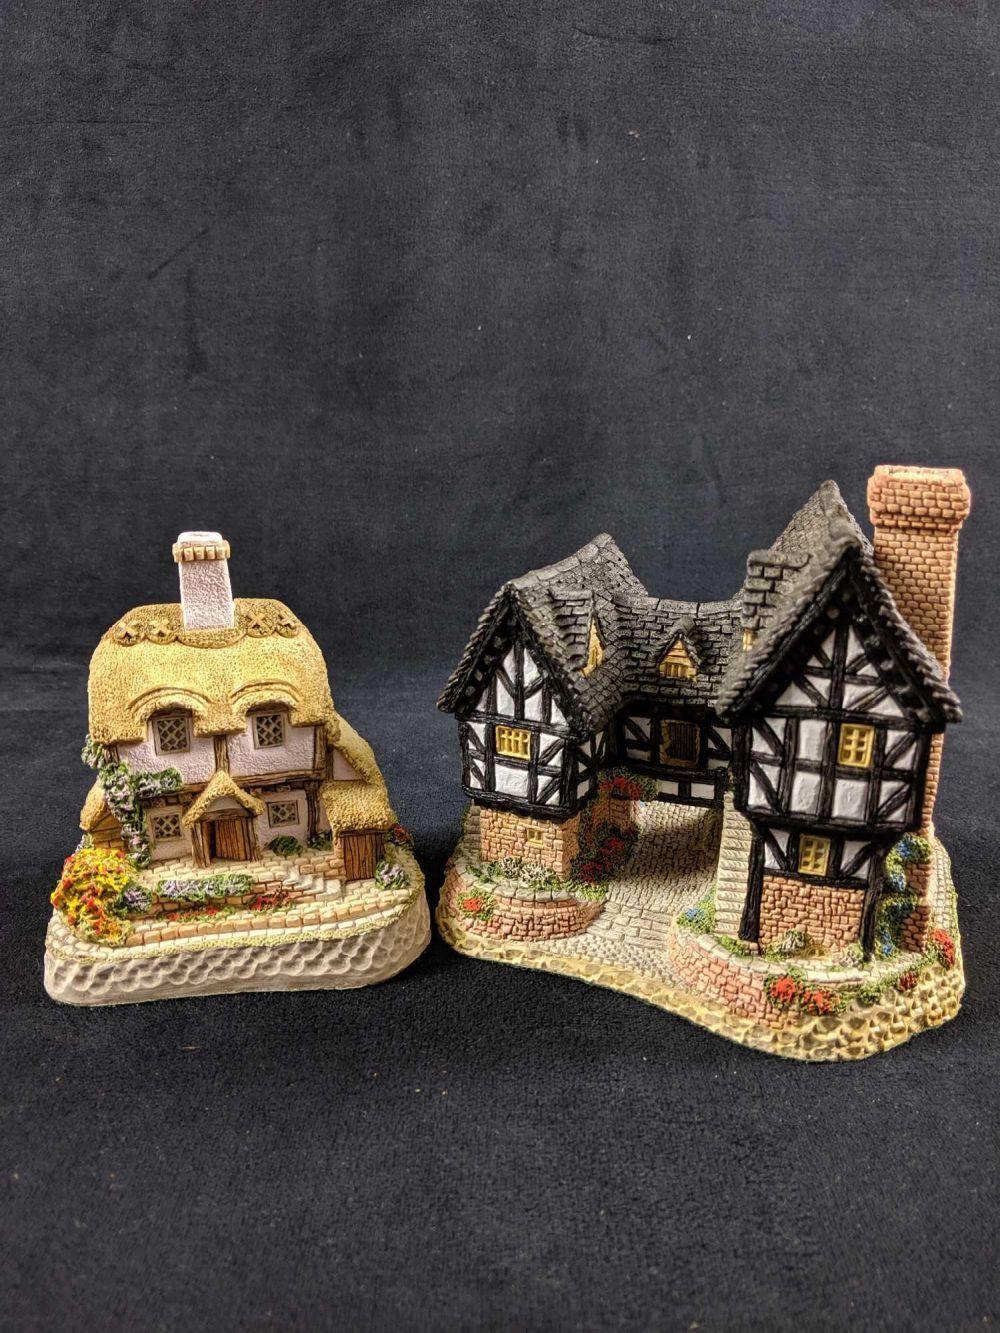 Lot 110: Vintage David Winter Cottages Lot of 2